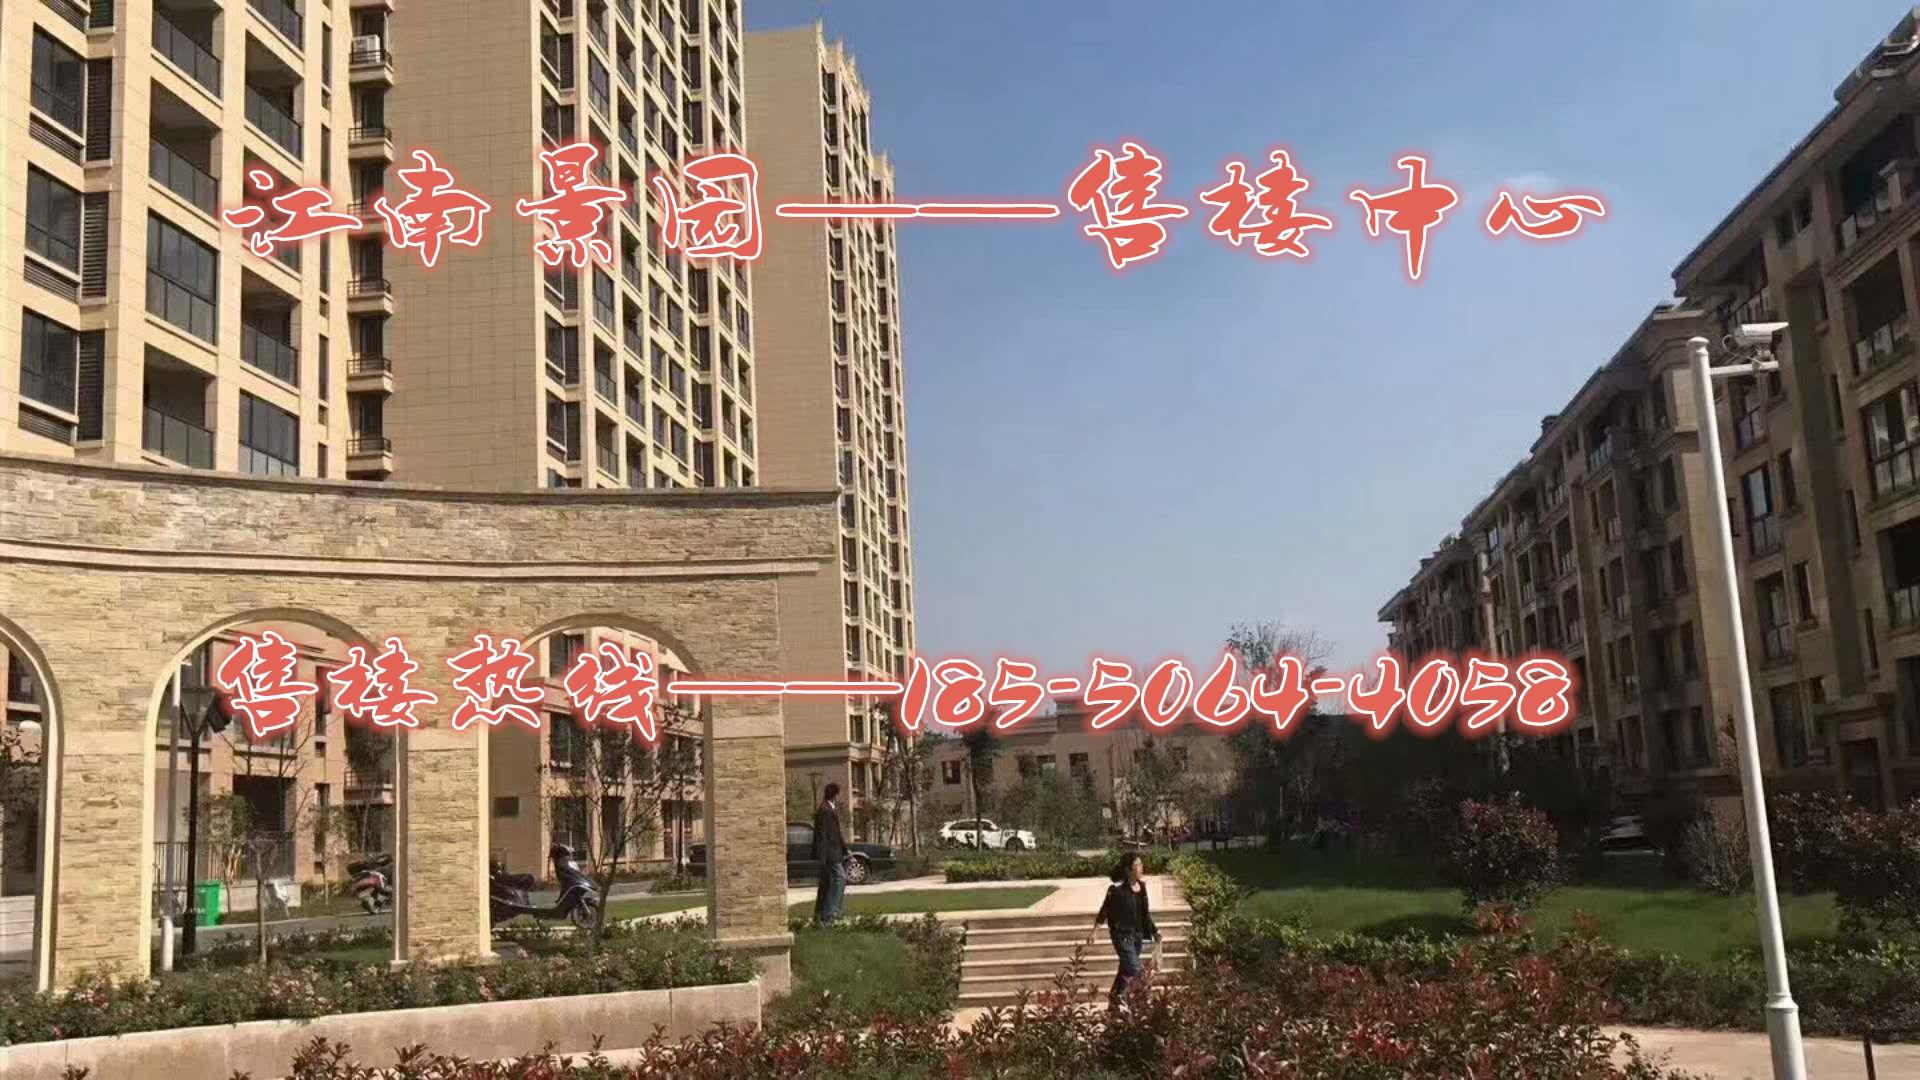 【绍兴】 【江南景园】――【来电既享受内部折扣!!!】